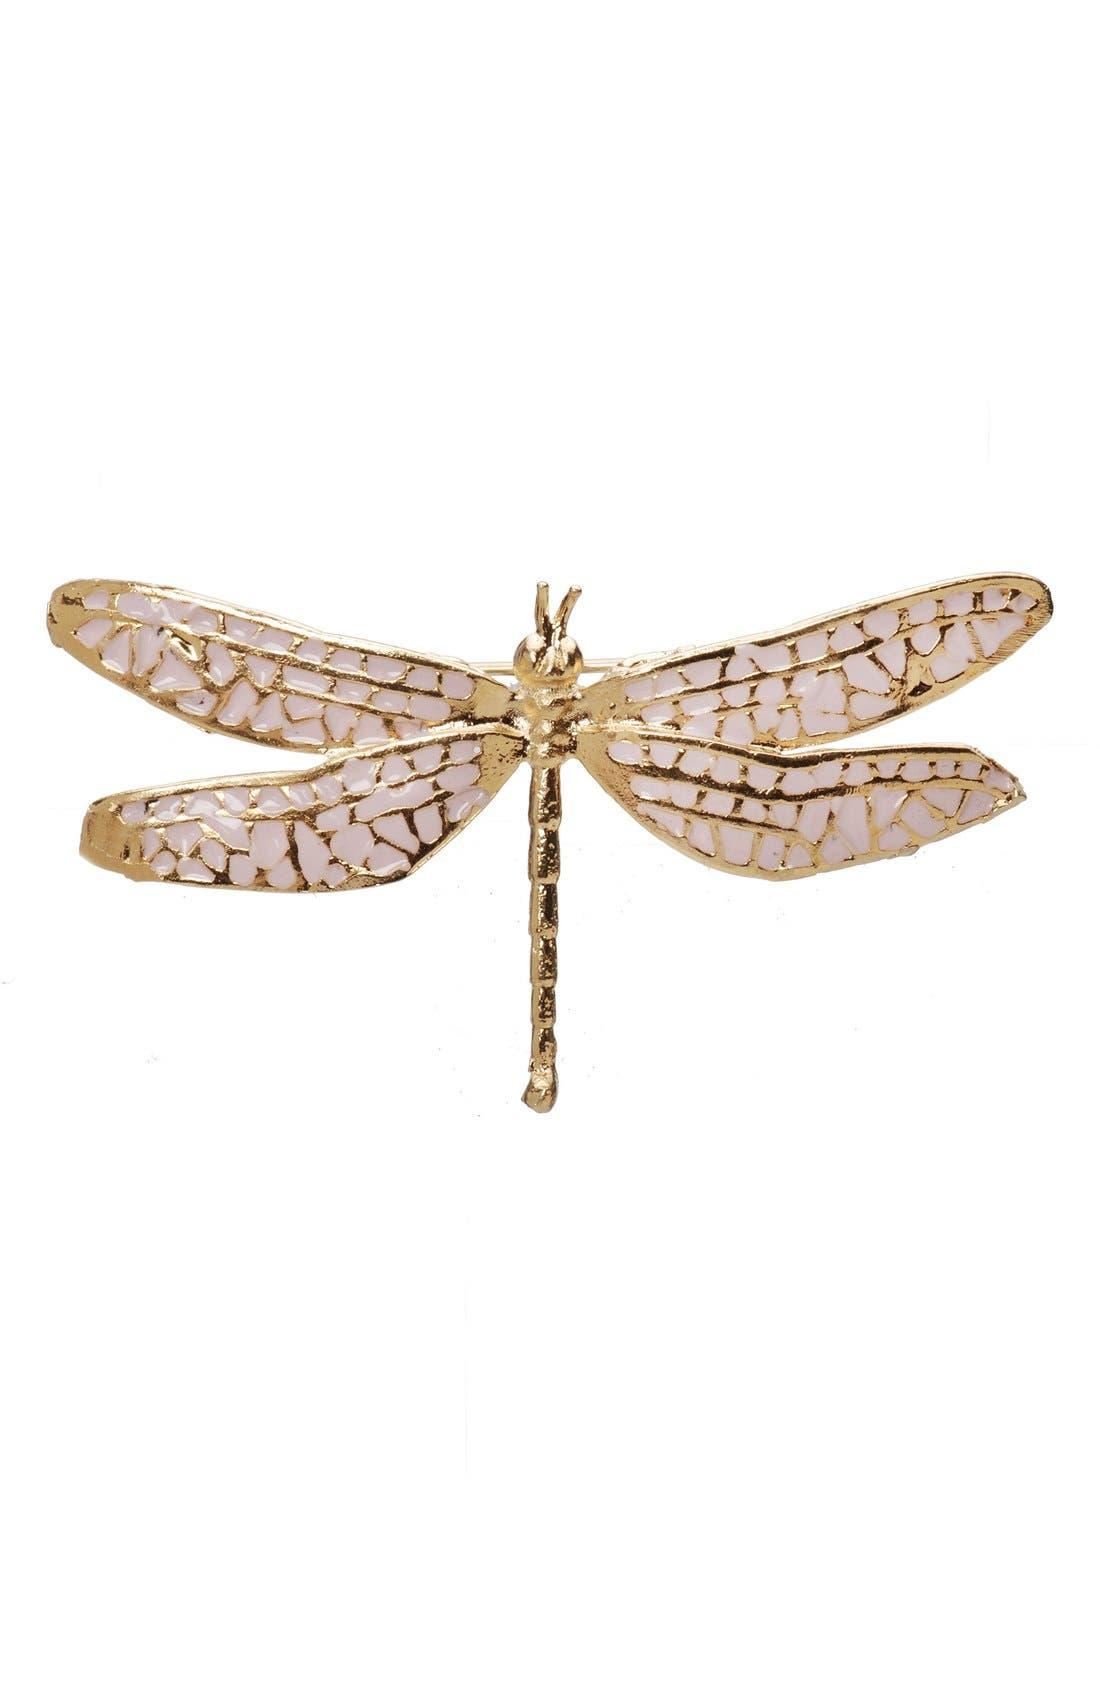 L. ERICKSON Damsel Fly Brooch